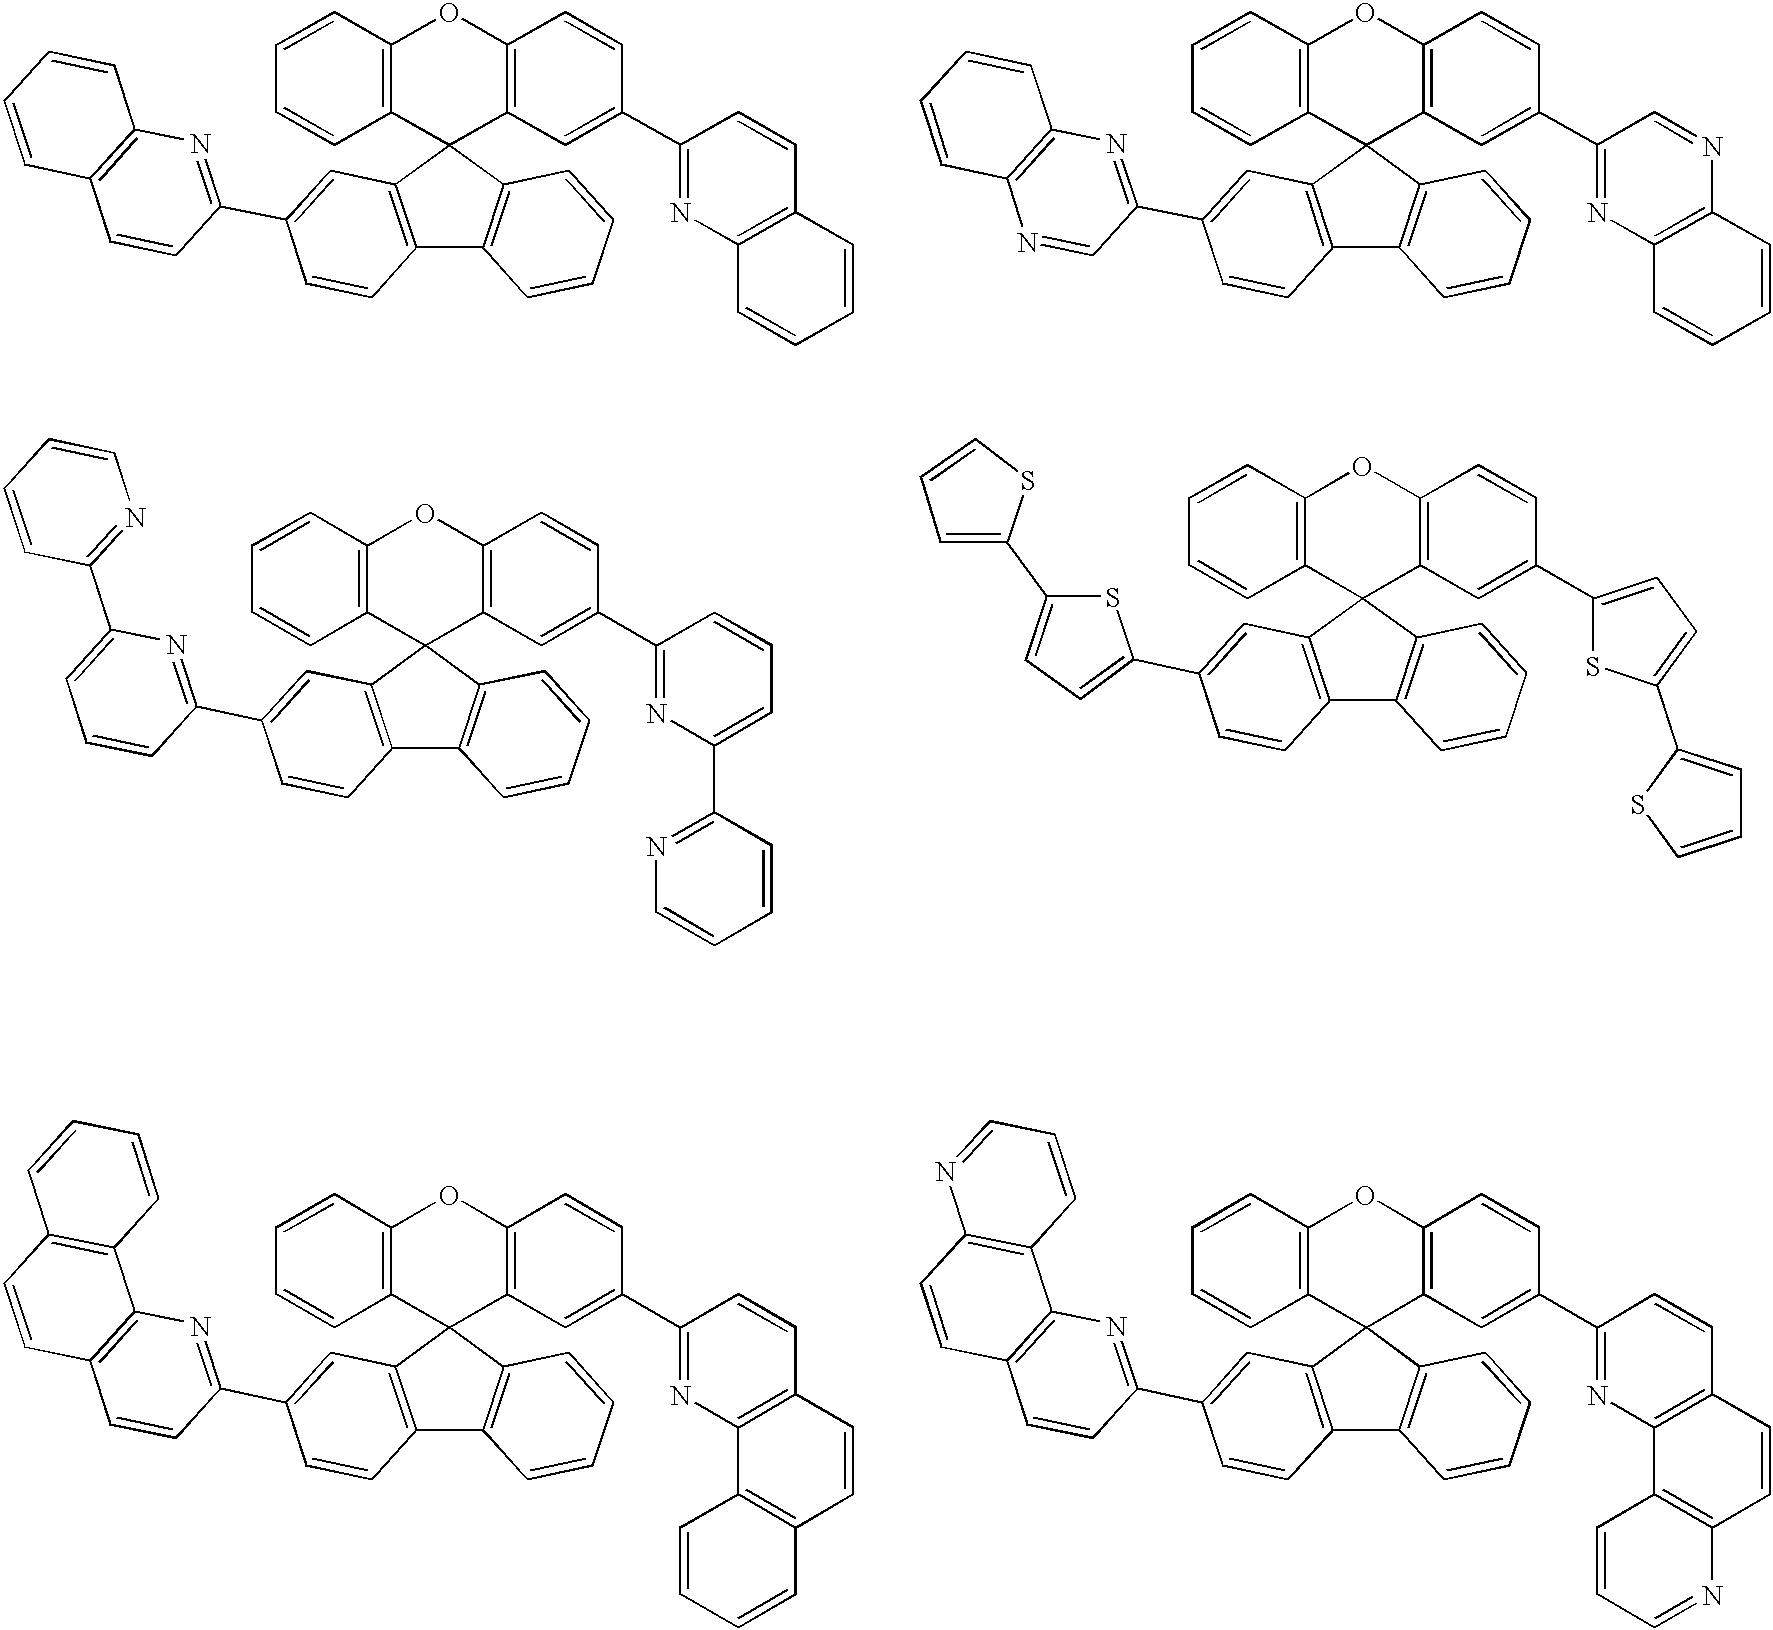 Figure US20030168970A1-20030911-C00022